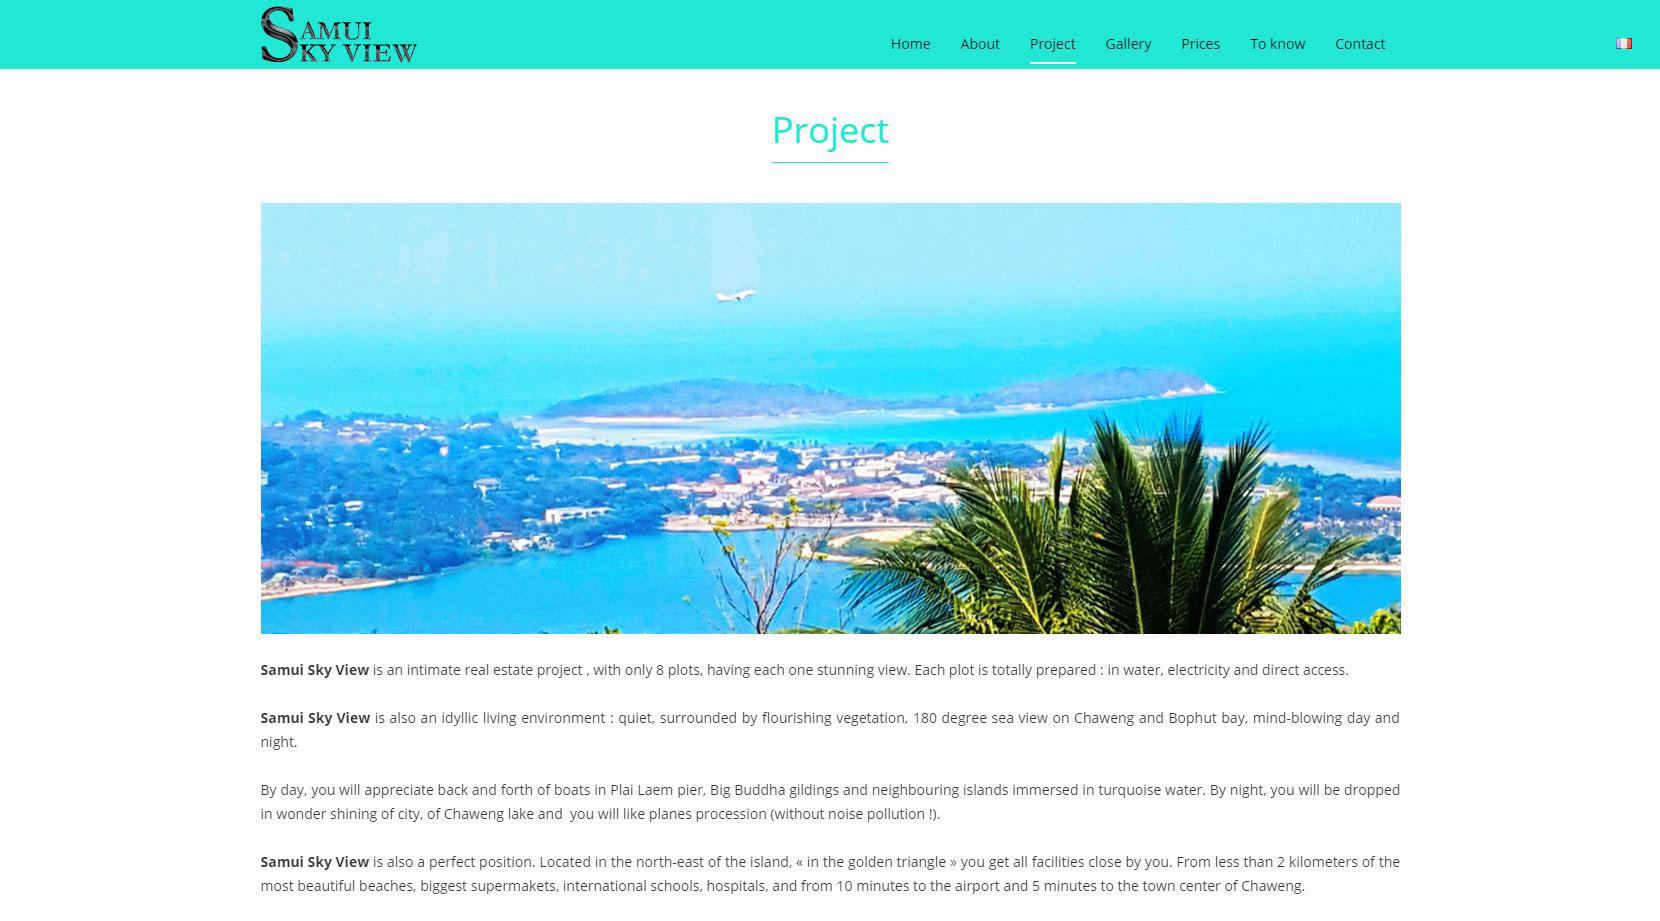 Website – Samui Sky View